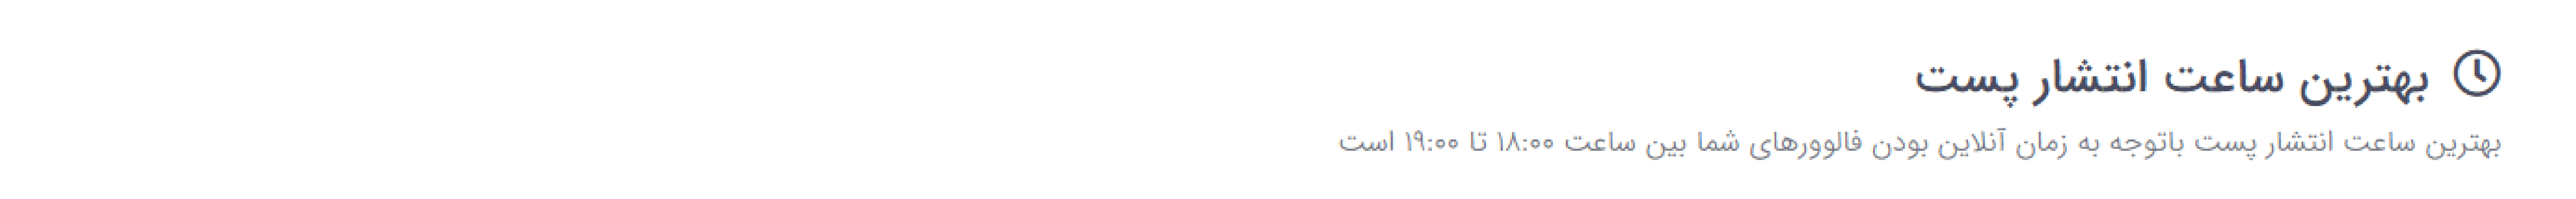 ساعت انتشار پست